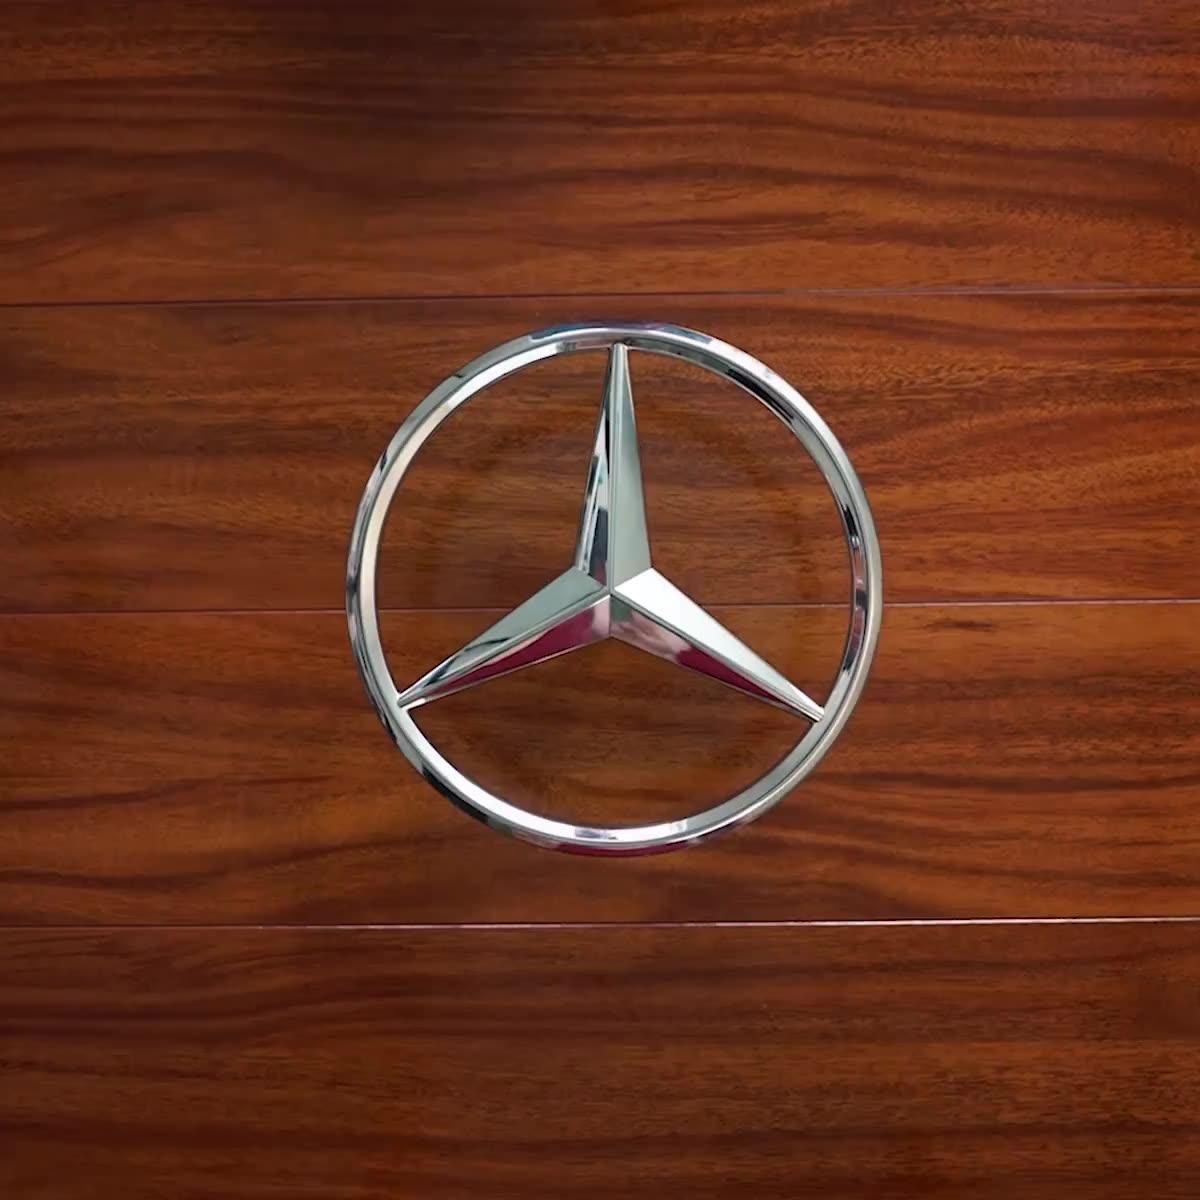 梅赛德斯-奔驰 - 情人节 - lgbt公益广告图片